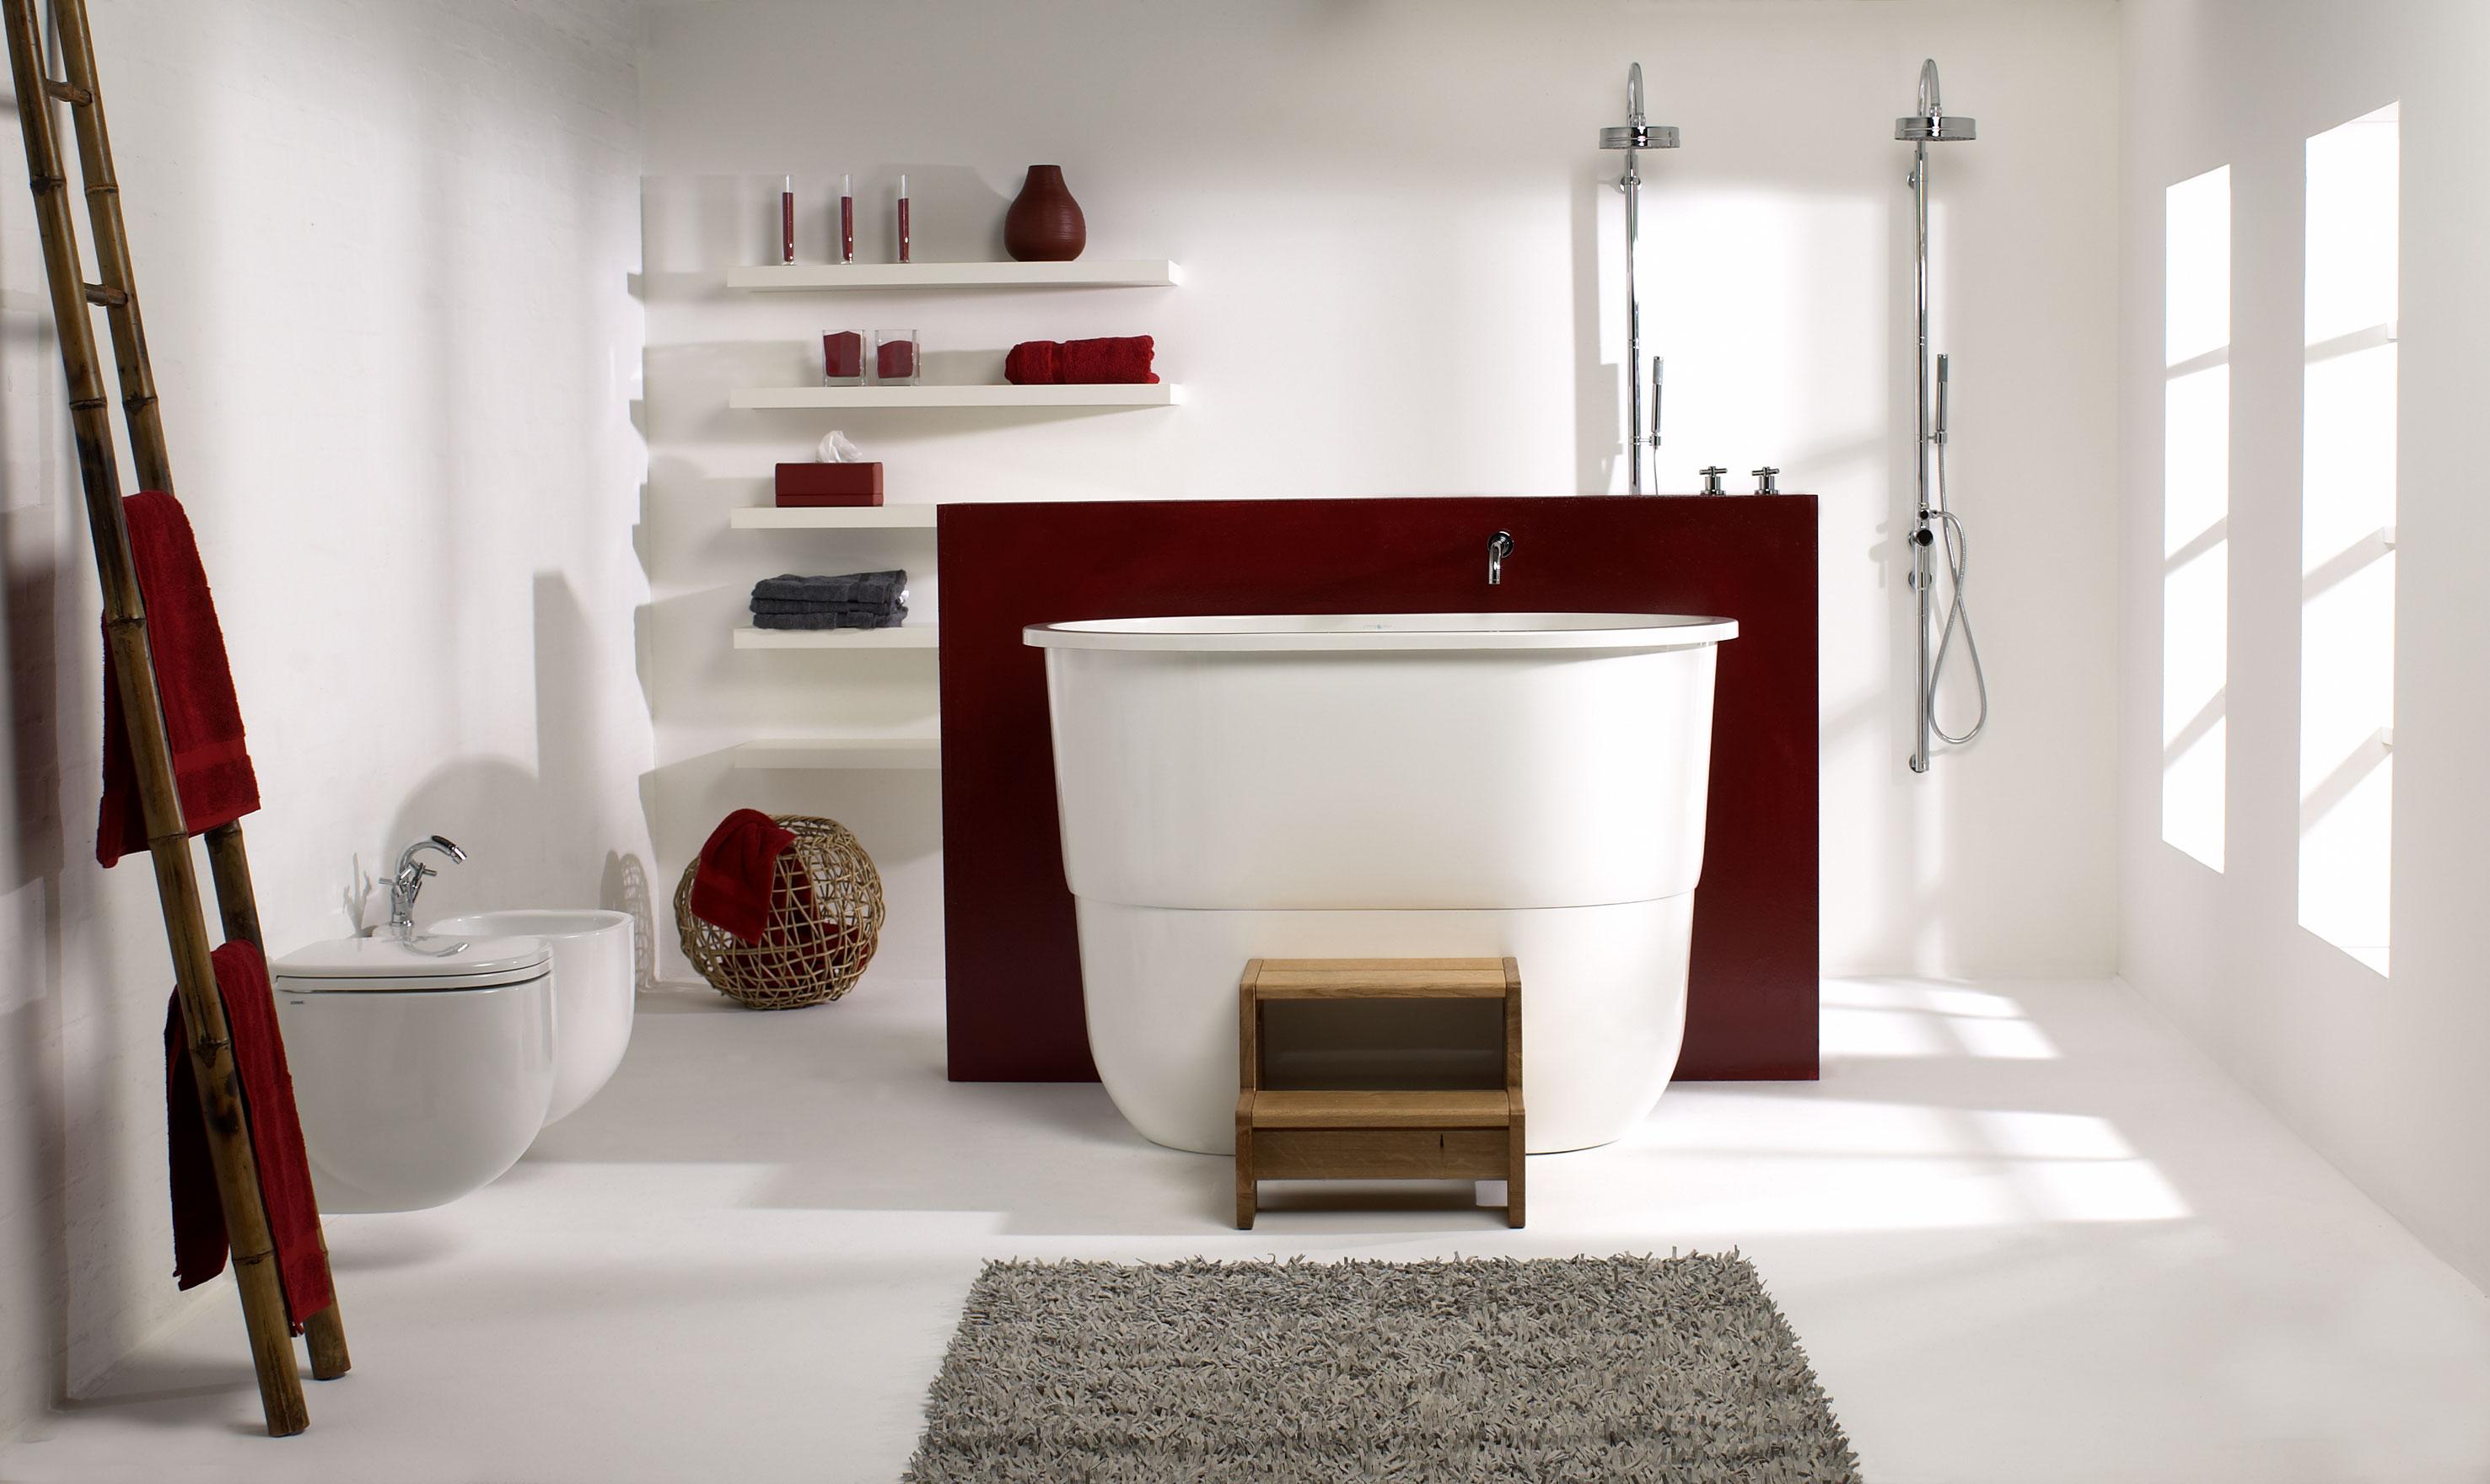 dicas de decoracao de banheiro com banheira moderna 4.jpg #3A130E 2953x1760 Banheiro Com Banheira E Tv